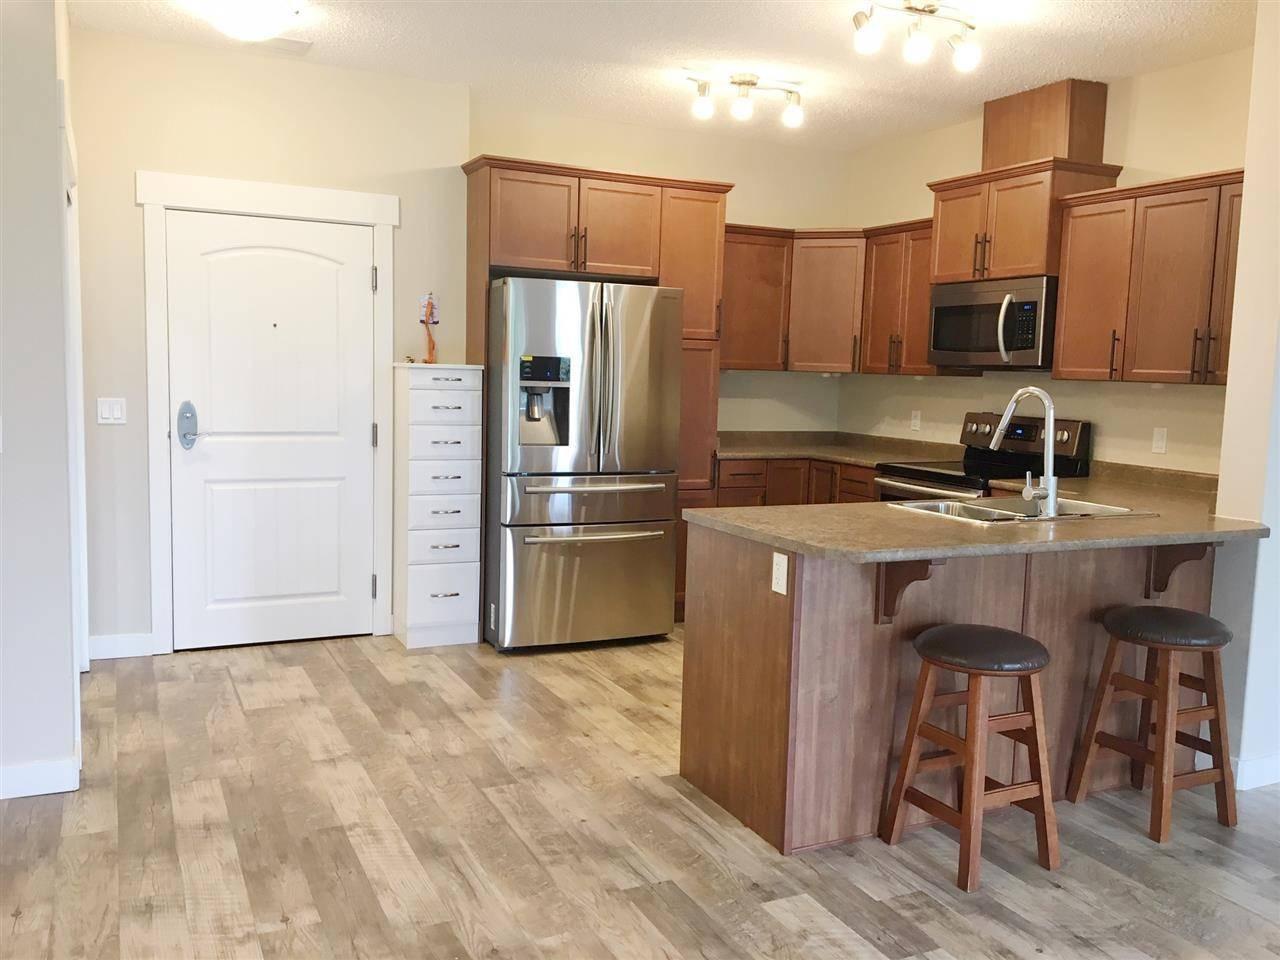 Condo for sale at 511 Queen St Unit 118 Spruce Grove Alberta - MLS: E4174157